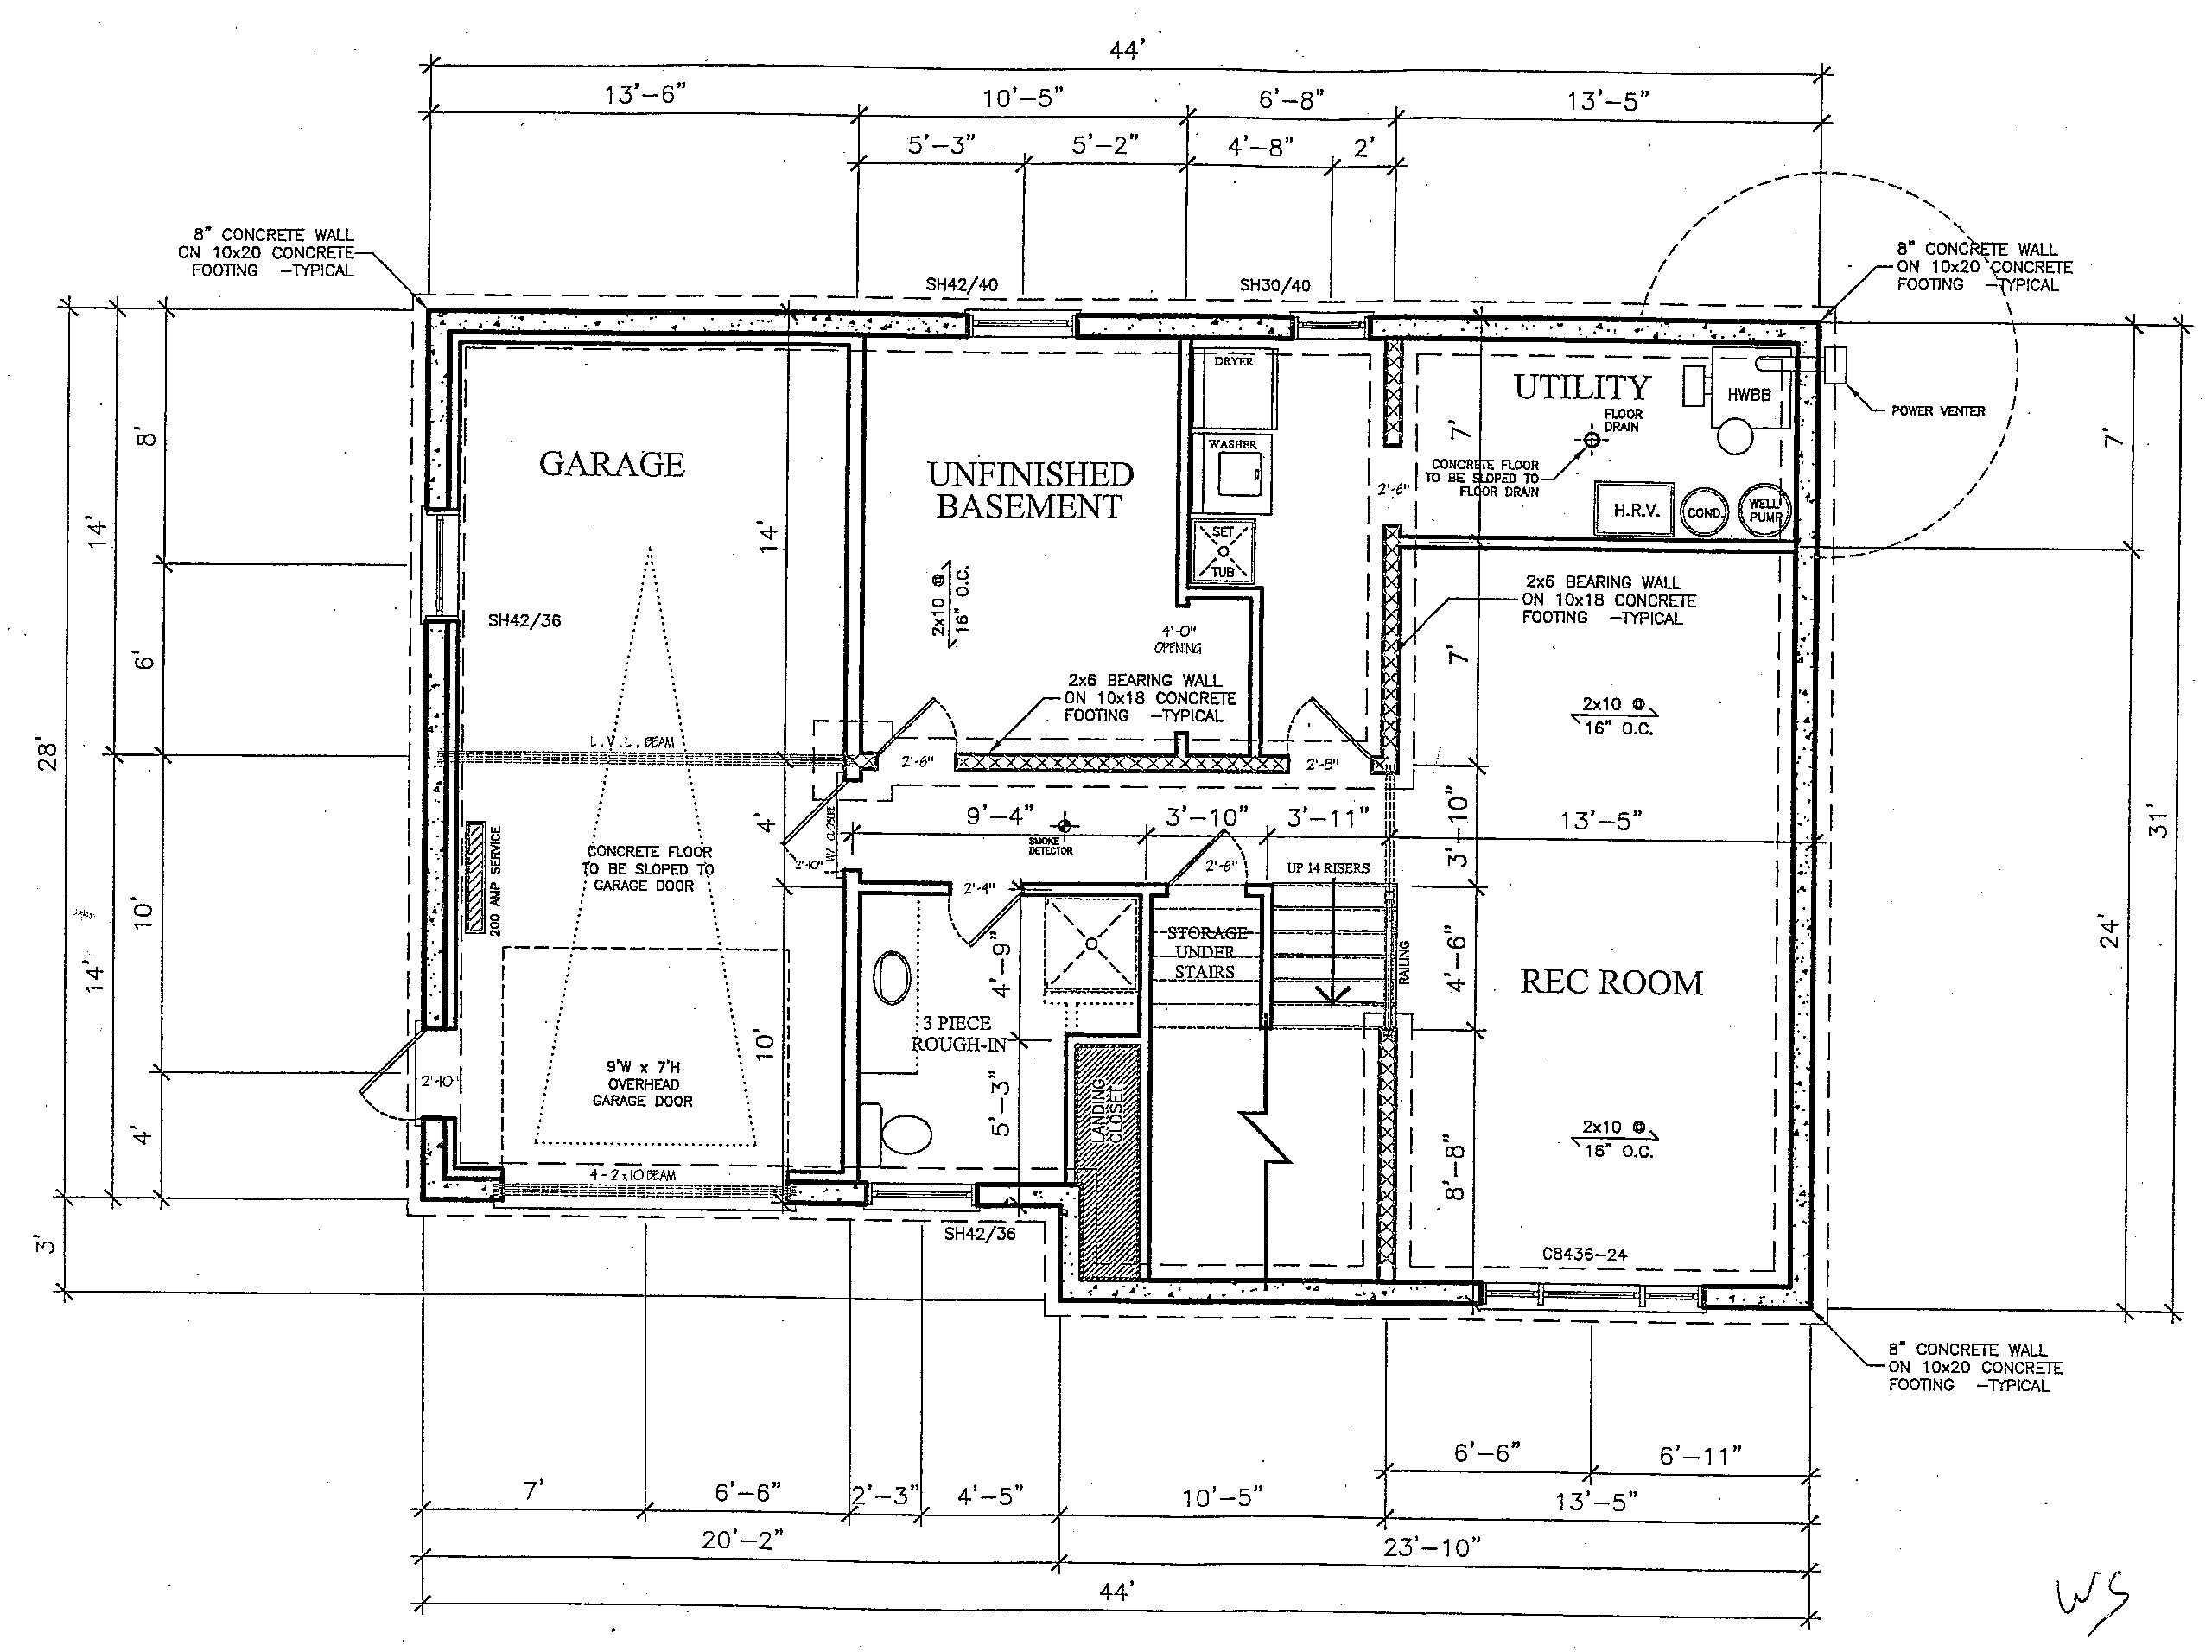 basement layout plans ideas hawk haven rh hawk haven com Finished Basement Layout Plans Finished Basement Layout Plans